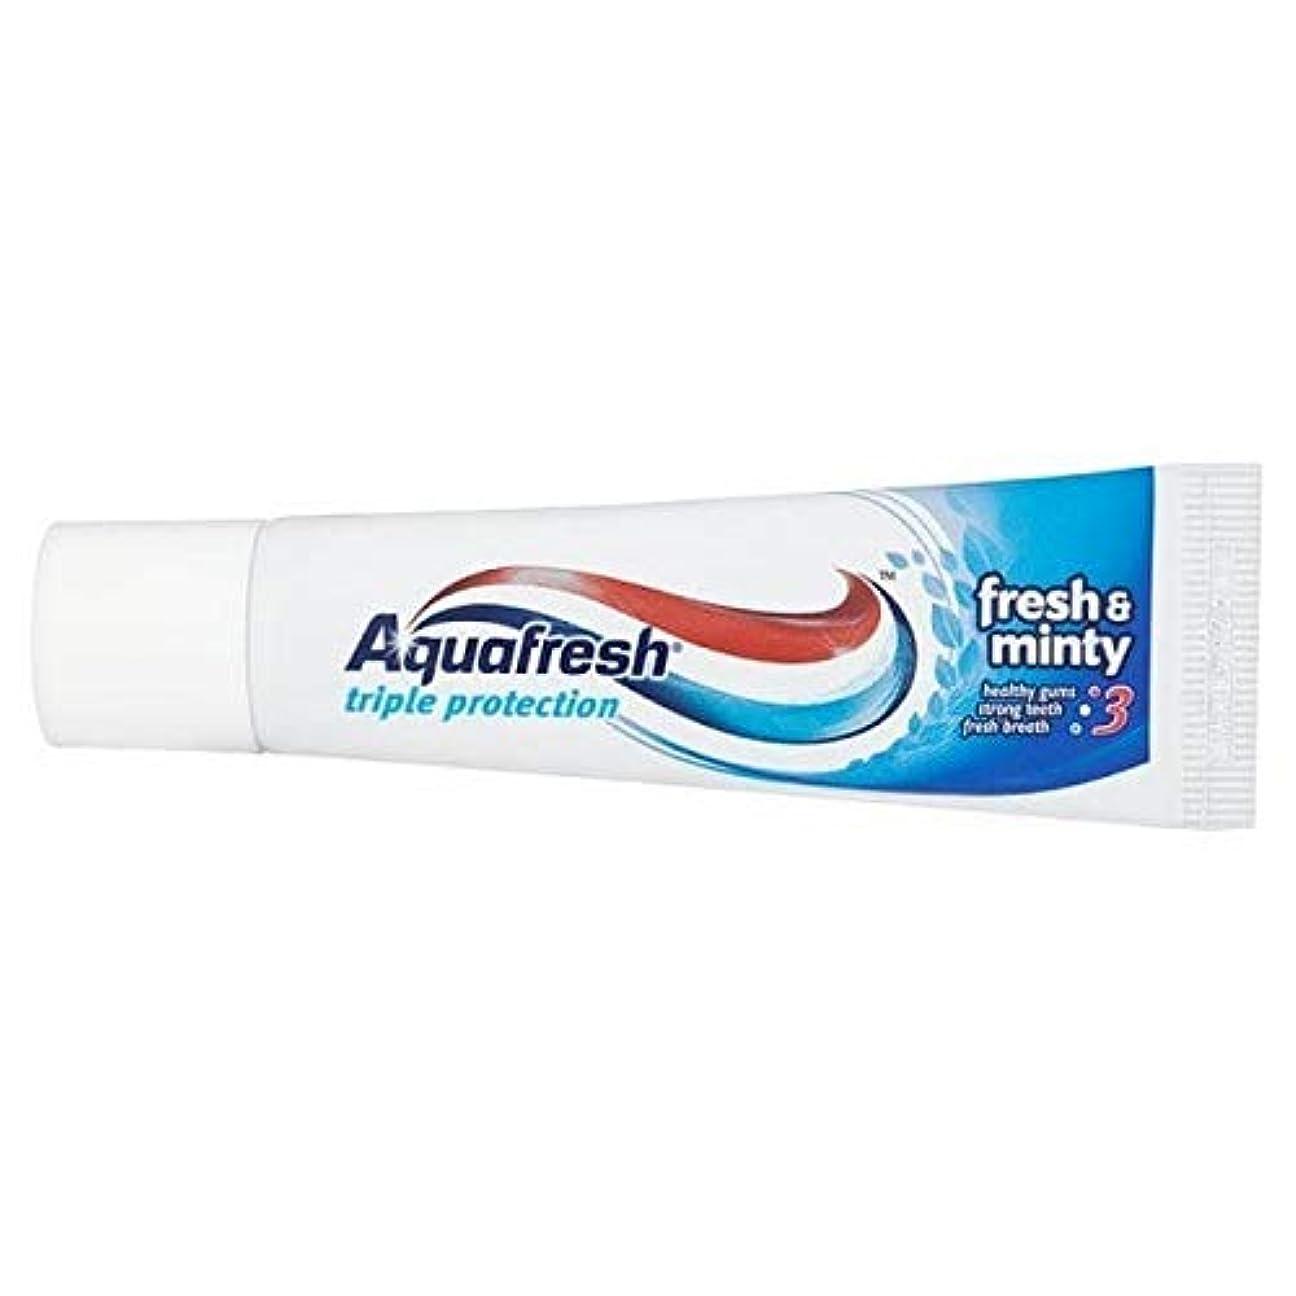 モード最適屋内[Aquafresh ] アクアフレッシュフレッシュ&ミントフッ化物歯磨き粉20ミリリットル - Aquafresh Fresh & Minty Fluoride Toothpaste 20ml [並行輸入品]